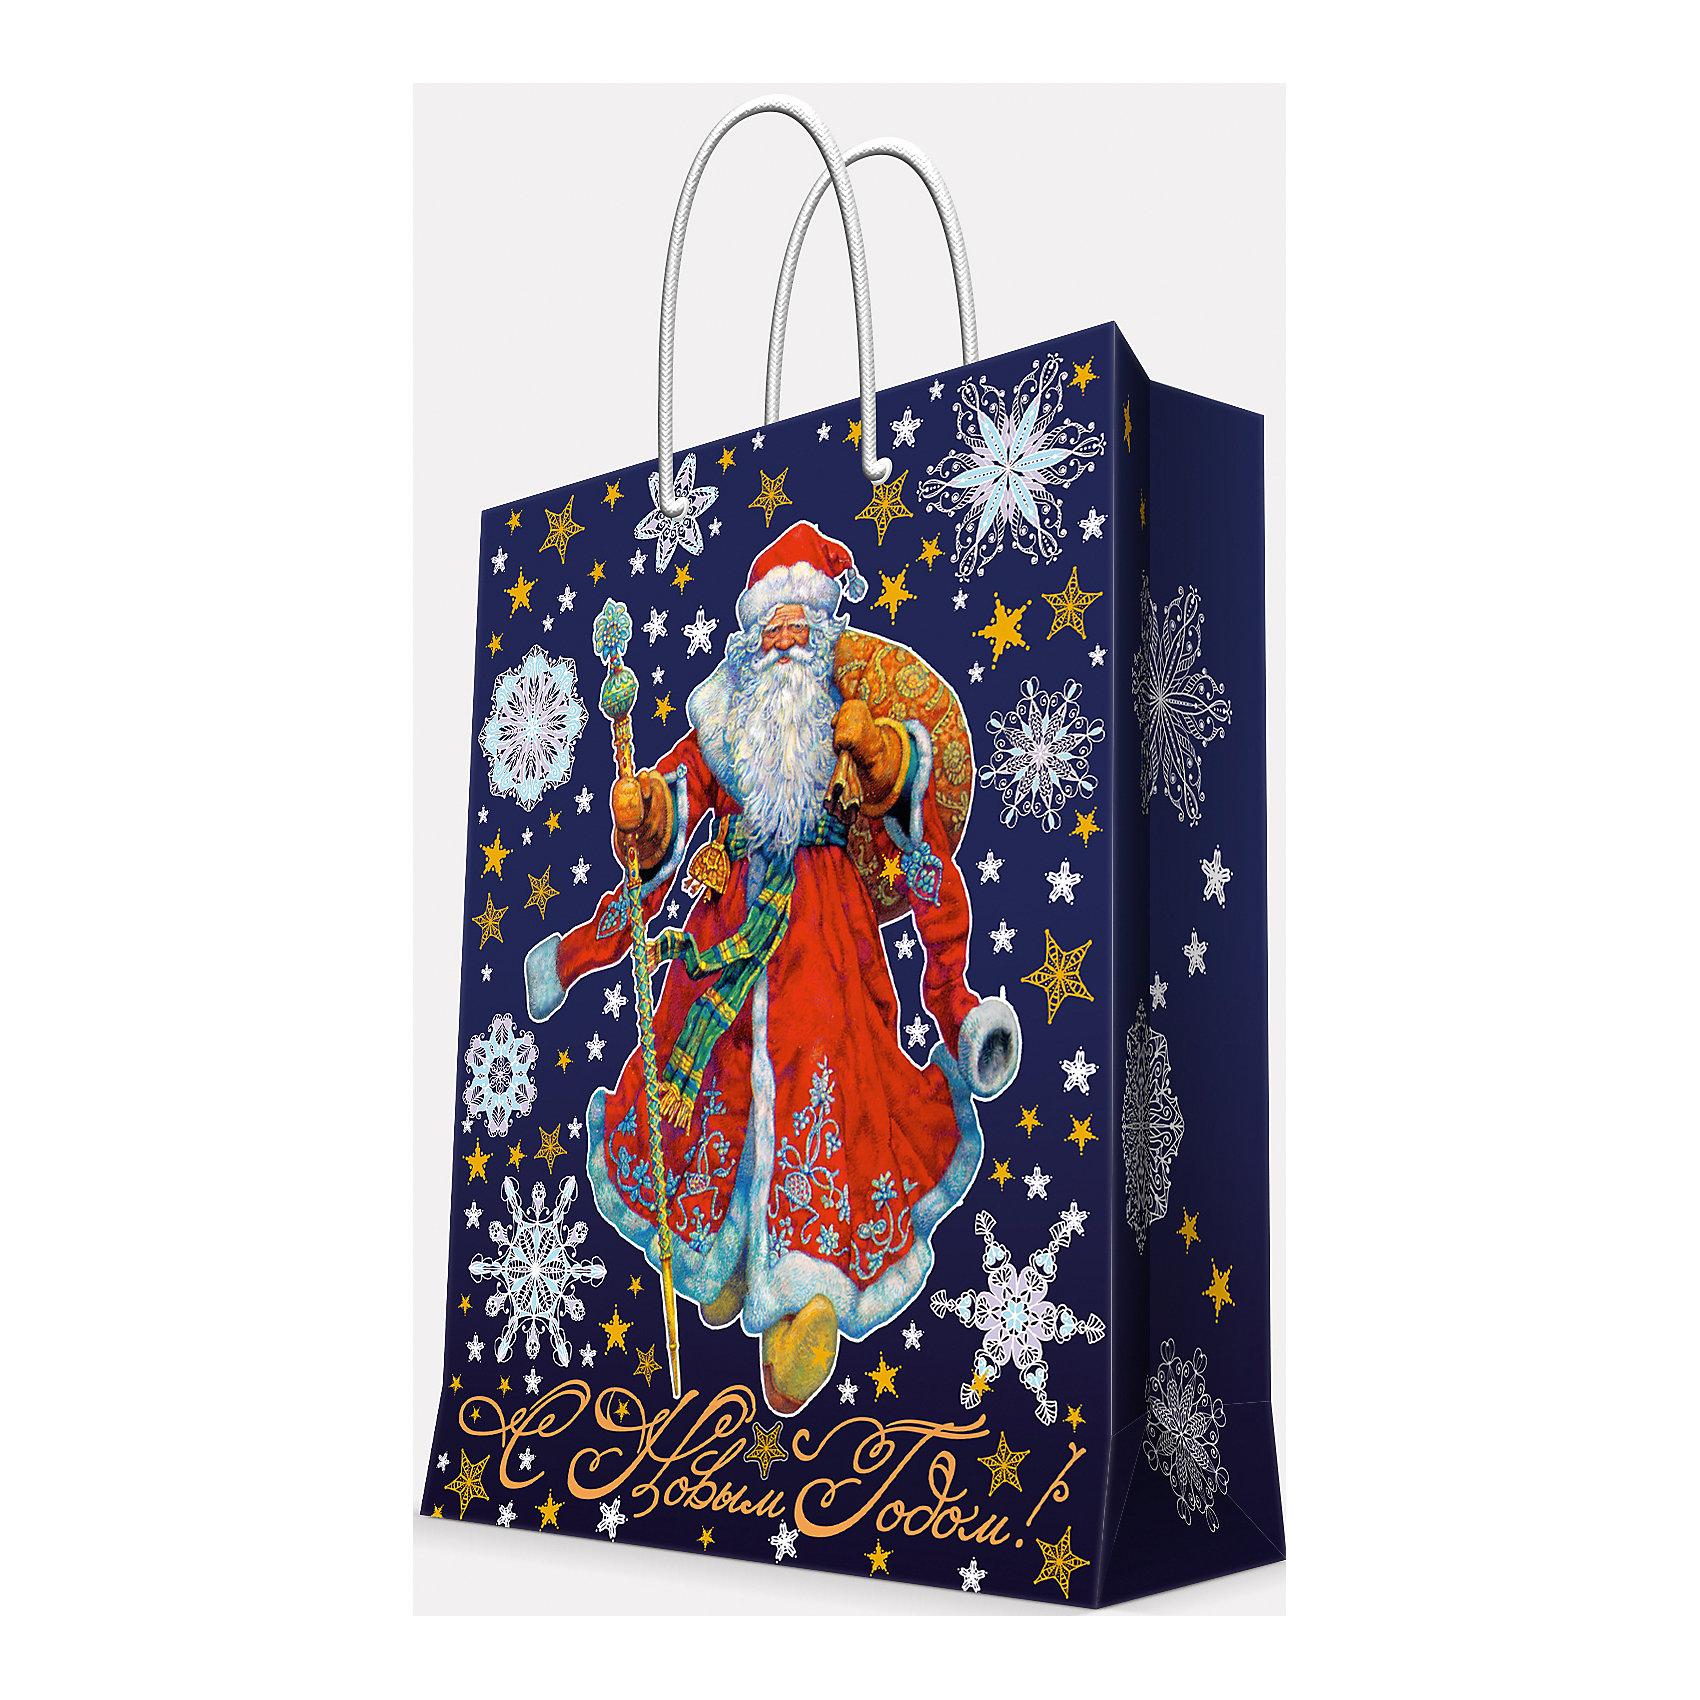 Подарочный пакет Дед Мороз в красном кафтане 17,8*22,9*9,8 смВсё для праздника<br>Предновогодние хлопоты многие любят даже больше самого праздника! Праздничное настроение создает украшенный дом, наряженная ёлка, запах мандаринов, предновогодняя суета и, конечно же, подарки! Чтобы сделать момент вручения приятнее, нужен красивый подарочный пакет.<br>Этот пакет украшен симпатичным универсальным рисунком, поэтому в него можно упаковать подарок и родственнику, и коллеге. Он сделан из безопасного для детей, прочного, но легкого, материала. Создайте с ним праздничное настроение себе и близким!<br><br>Дополнительная информация:<br><br>плотность бумаги: 140 г/м2;<br>размер: 18 х 23 х 10 см;<br>с ламинацией;<br>украшен рисунком.<br><br>Подарочный пакет Дед Мороз в красном кафтане 17,8*22,9*9,8 см можно купить в нашем магазине.<br><br>Ширина мм: 178<br>Глубина мм: 229<br>Высота мм: 98<br>Вес г: 39<br>Возраст от месяцев: 36<br>Возраст до месяцев: 2147483647<br>Пол: Унисекс<br>Возраст: Детский<br>SKU: 4981584